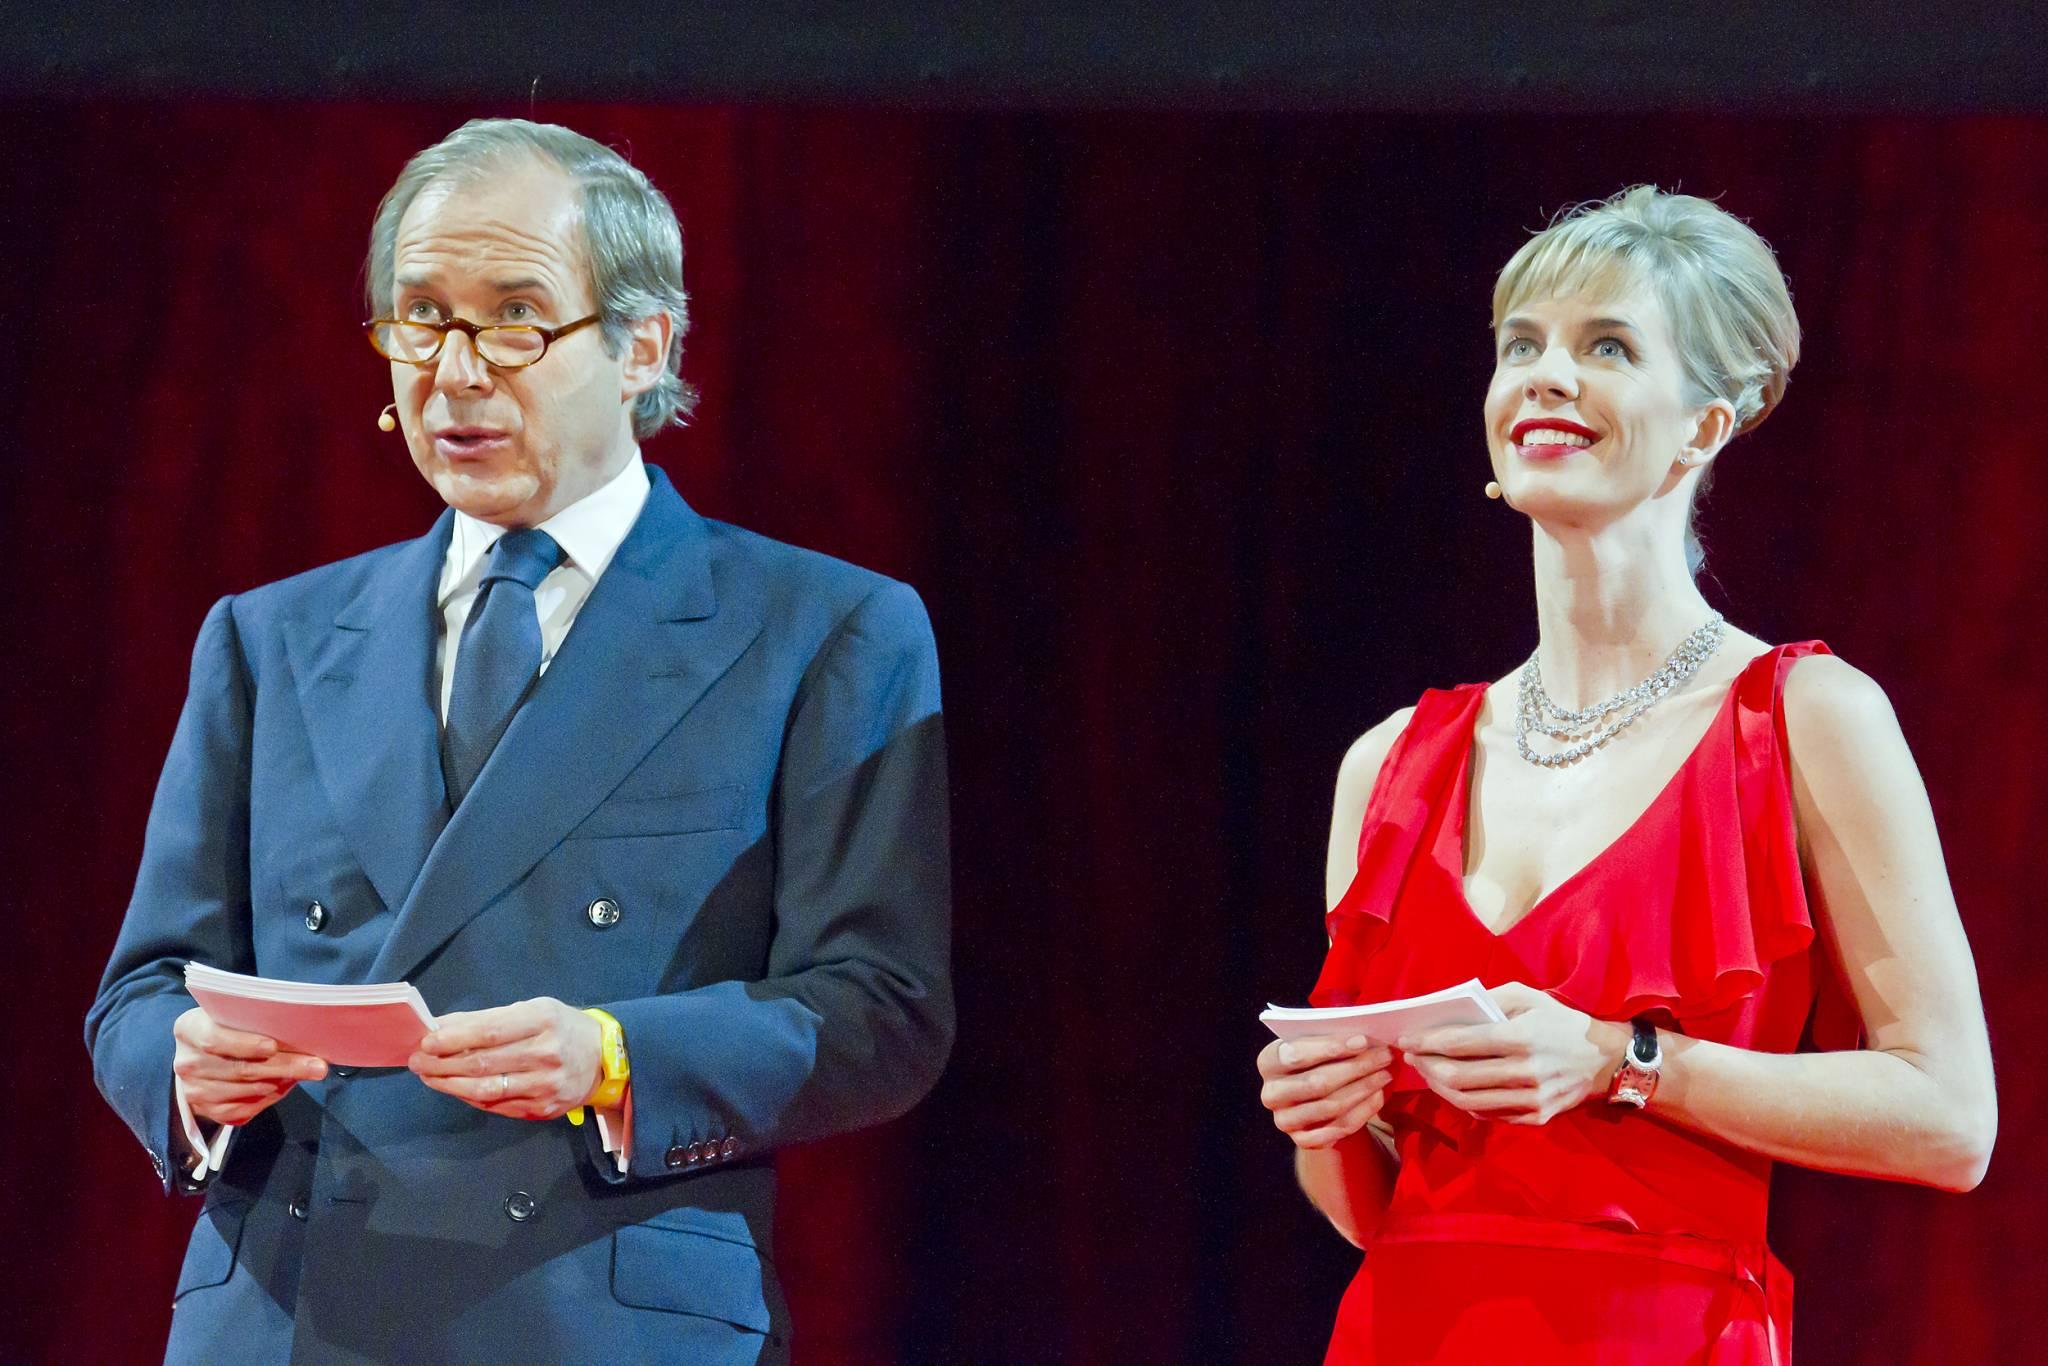 Simon de Pury et Natacha Wenger présentent en duo la cérémonie de remise des prix 2011